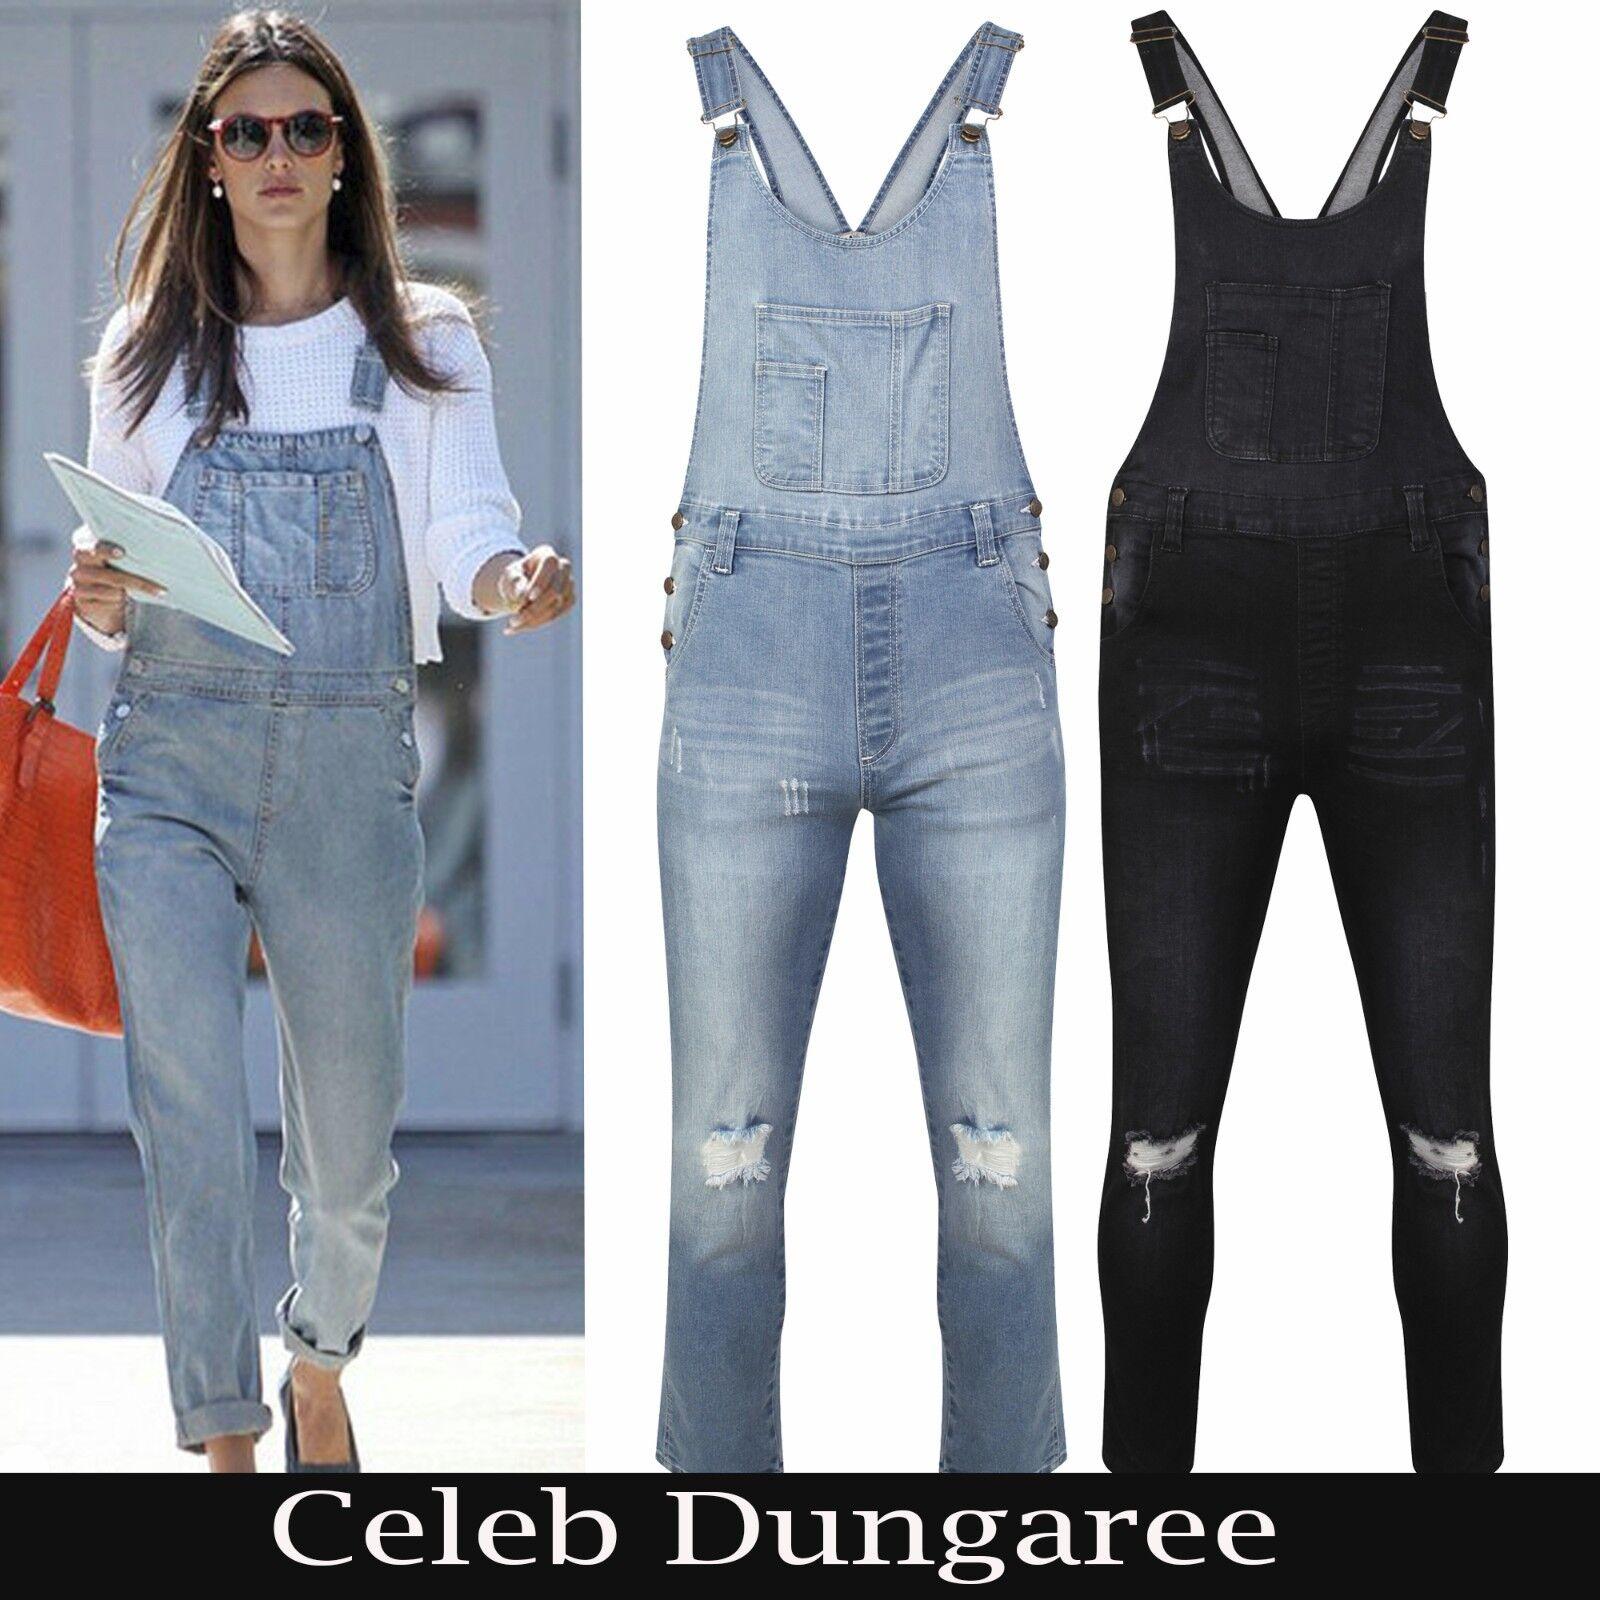 873a2a4063c7 Details about Women s Ladies Denim Dungarees Slim Fit Ripped Light   Black  Wash Jeans Jumpsuit